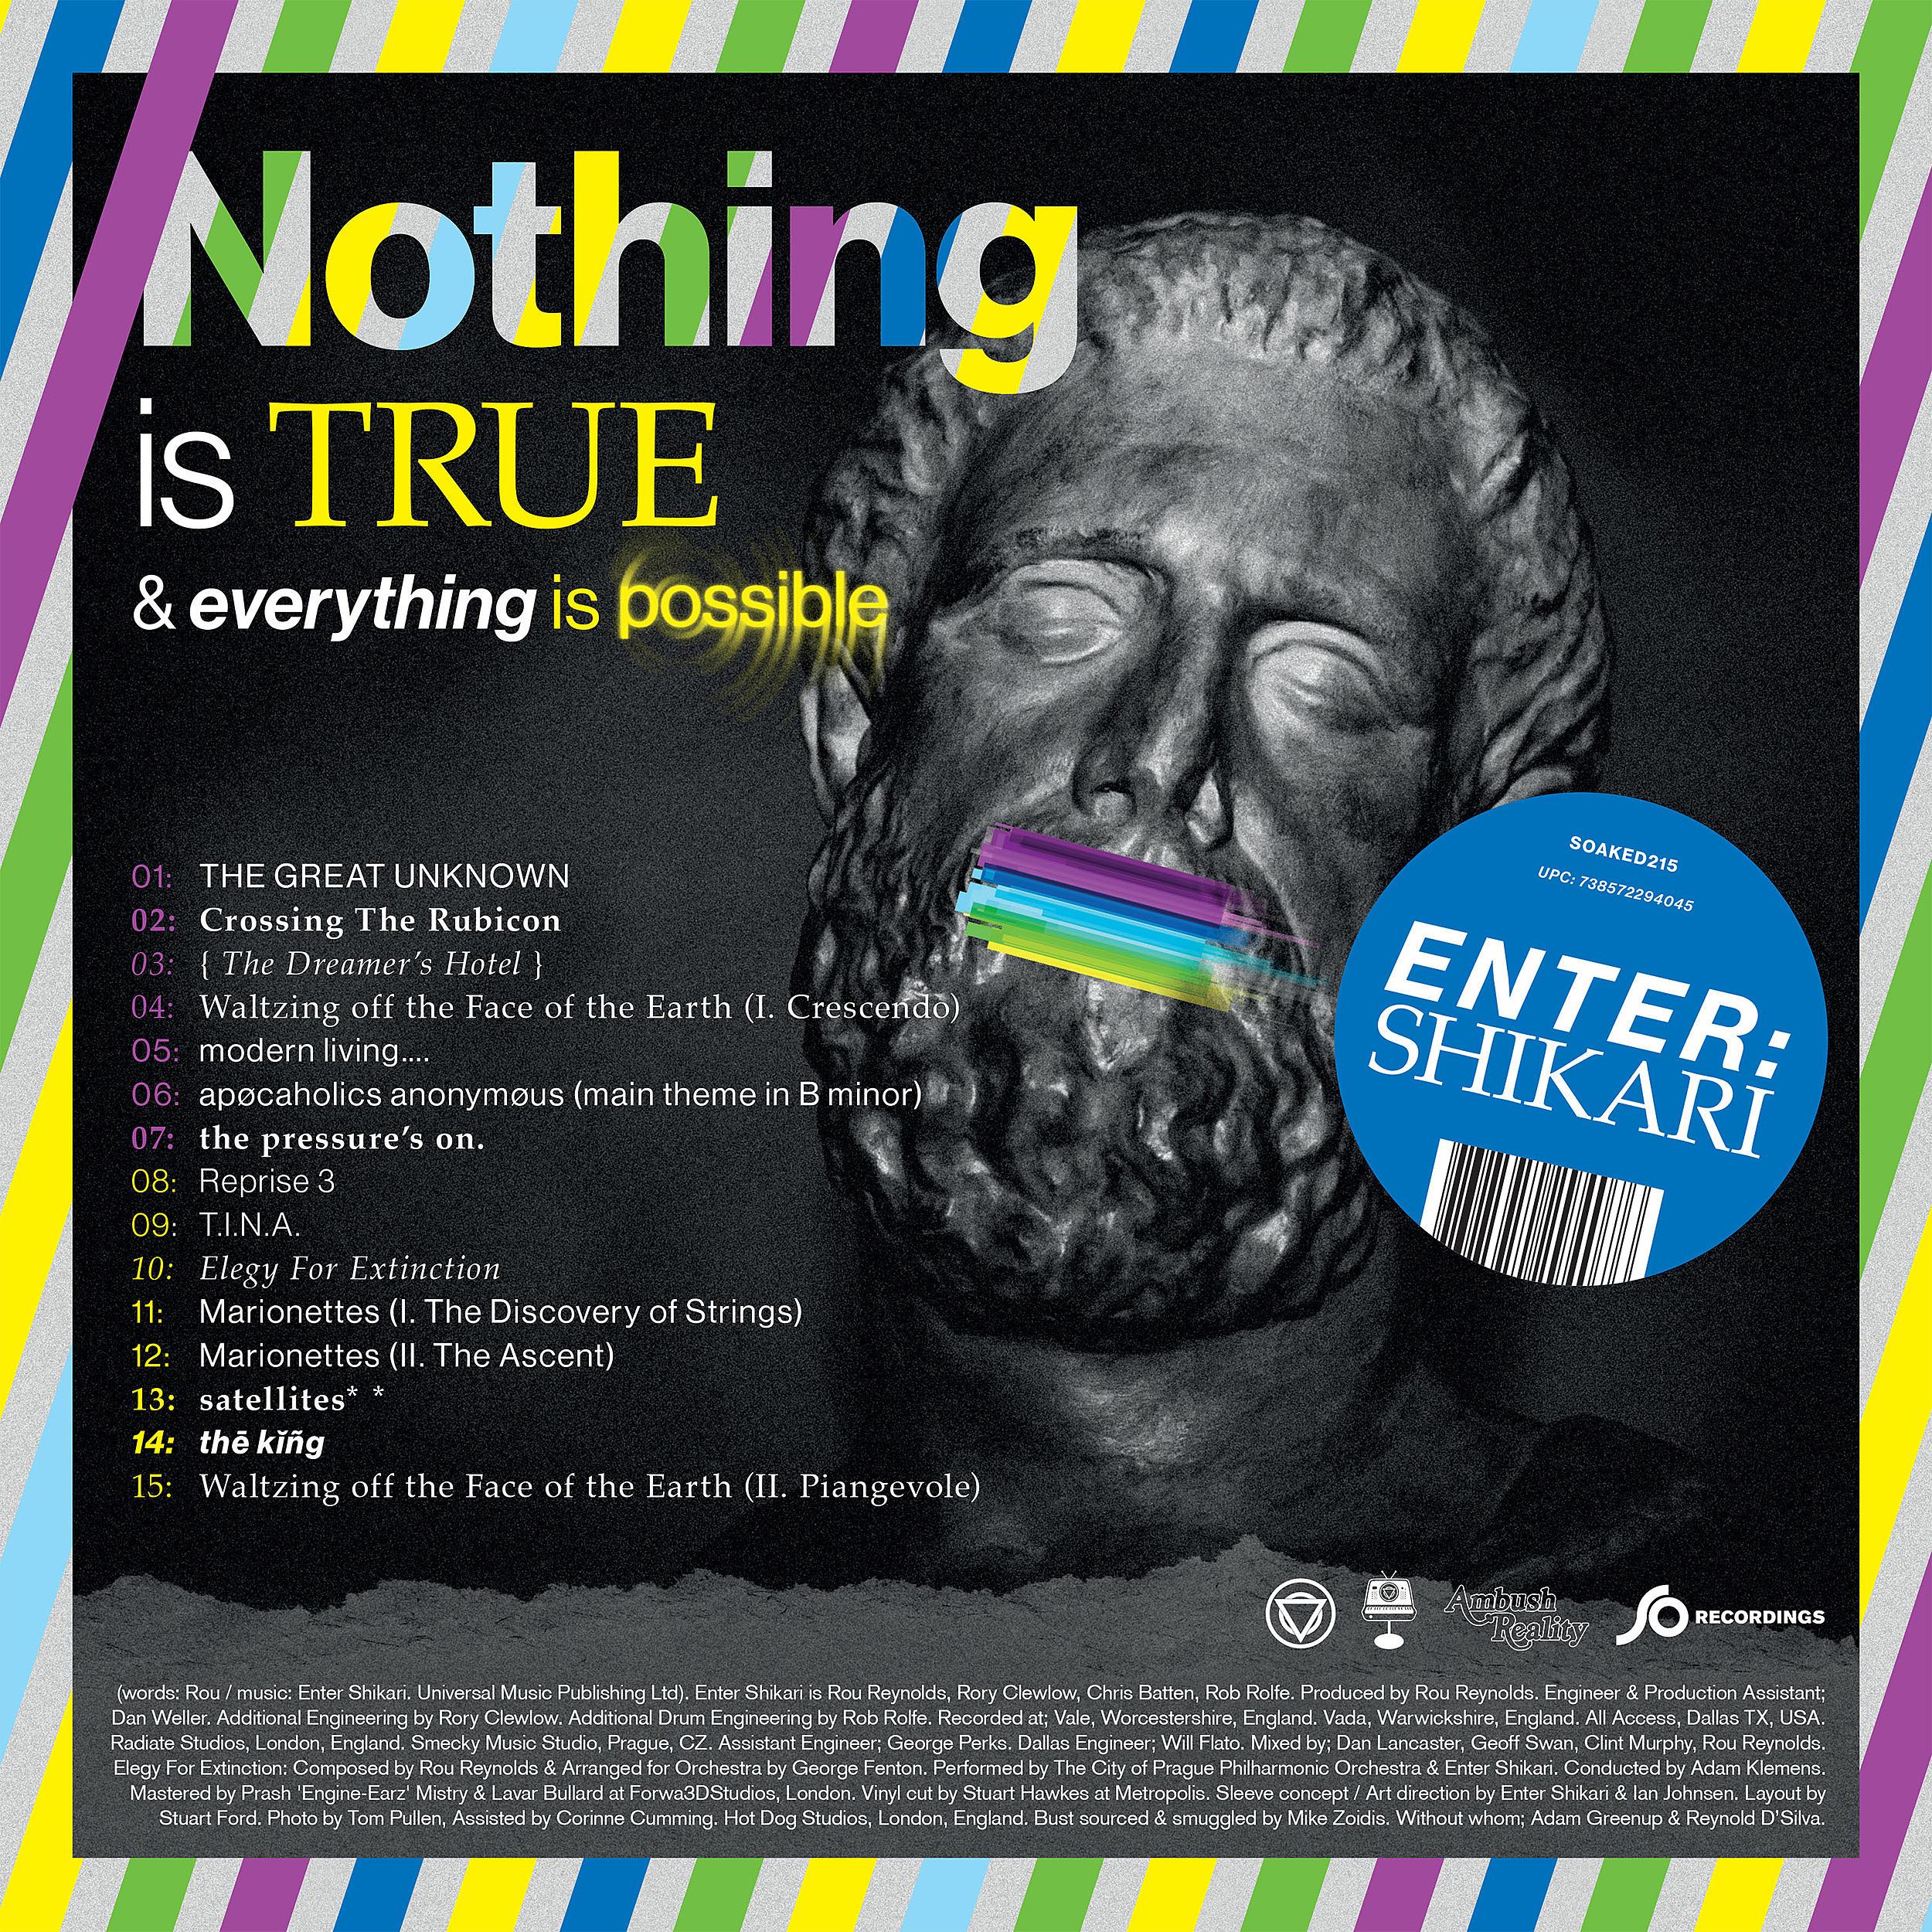 Resultado de imagen para nothing is true & everything is possible